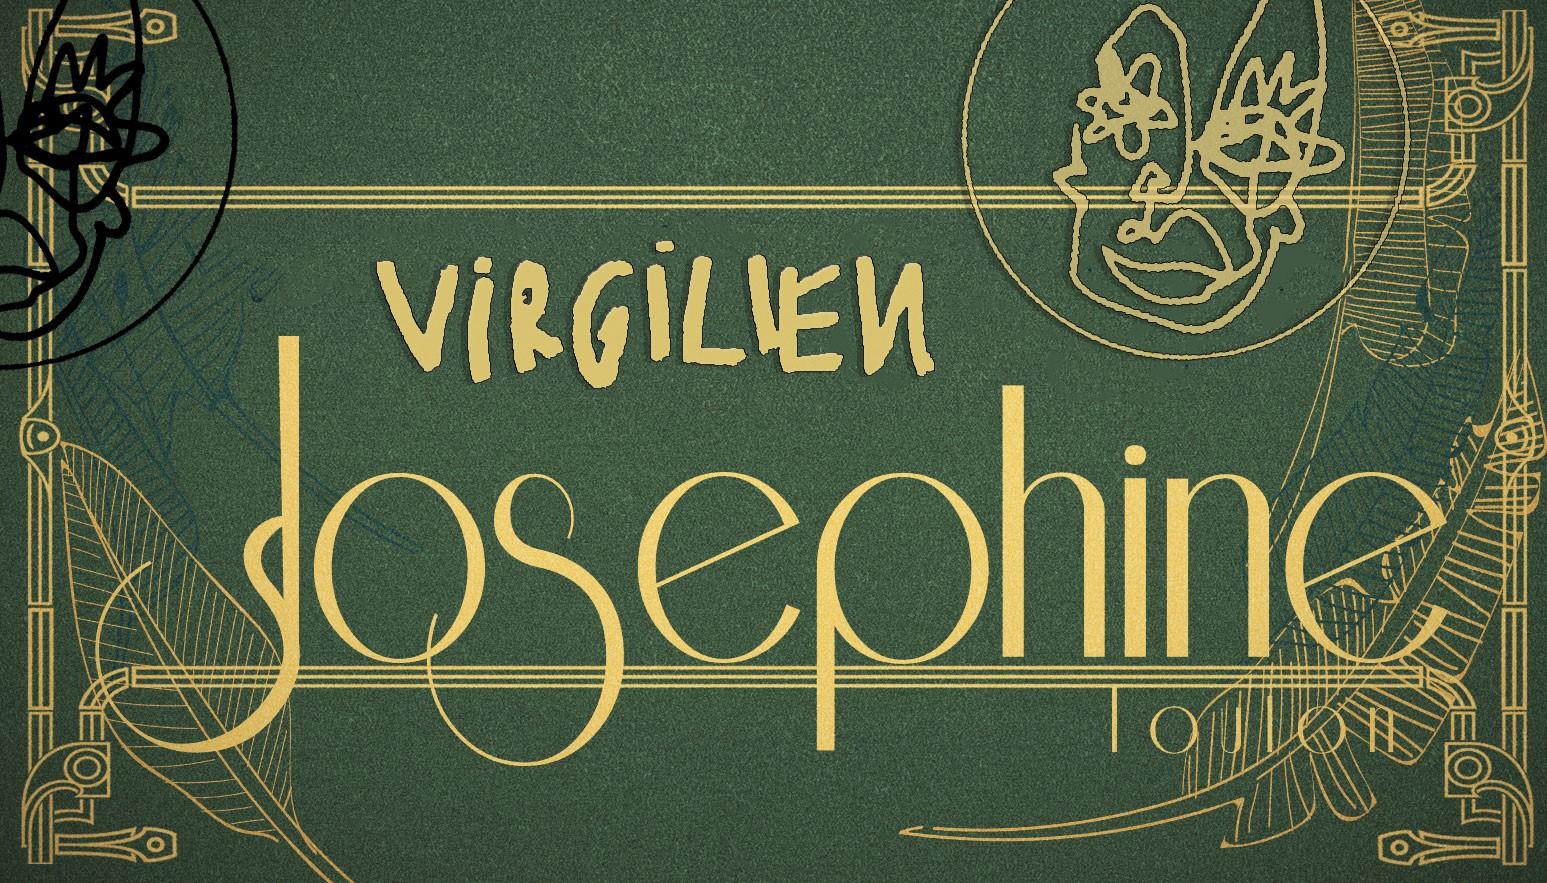 Virgilien Joséphine